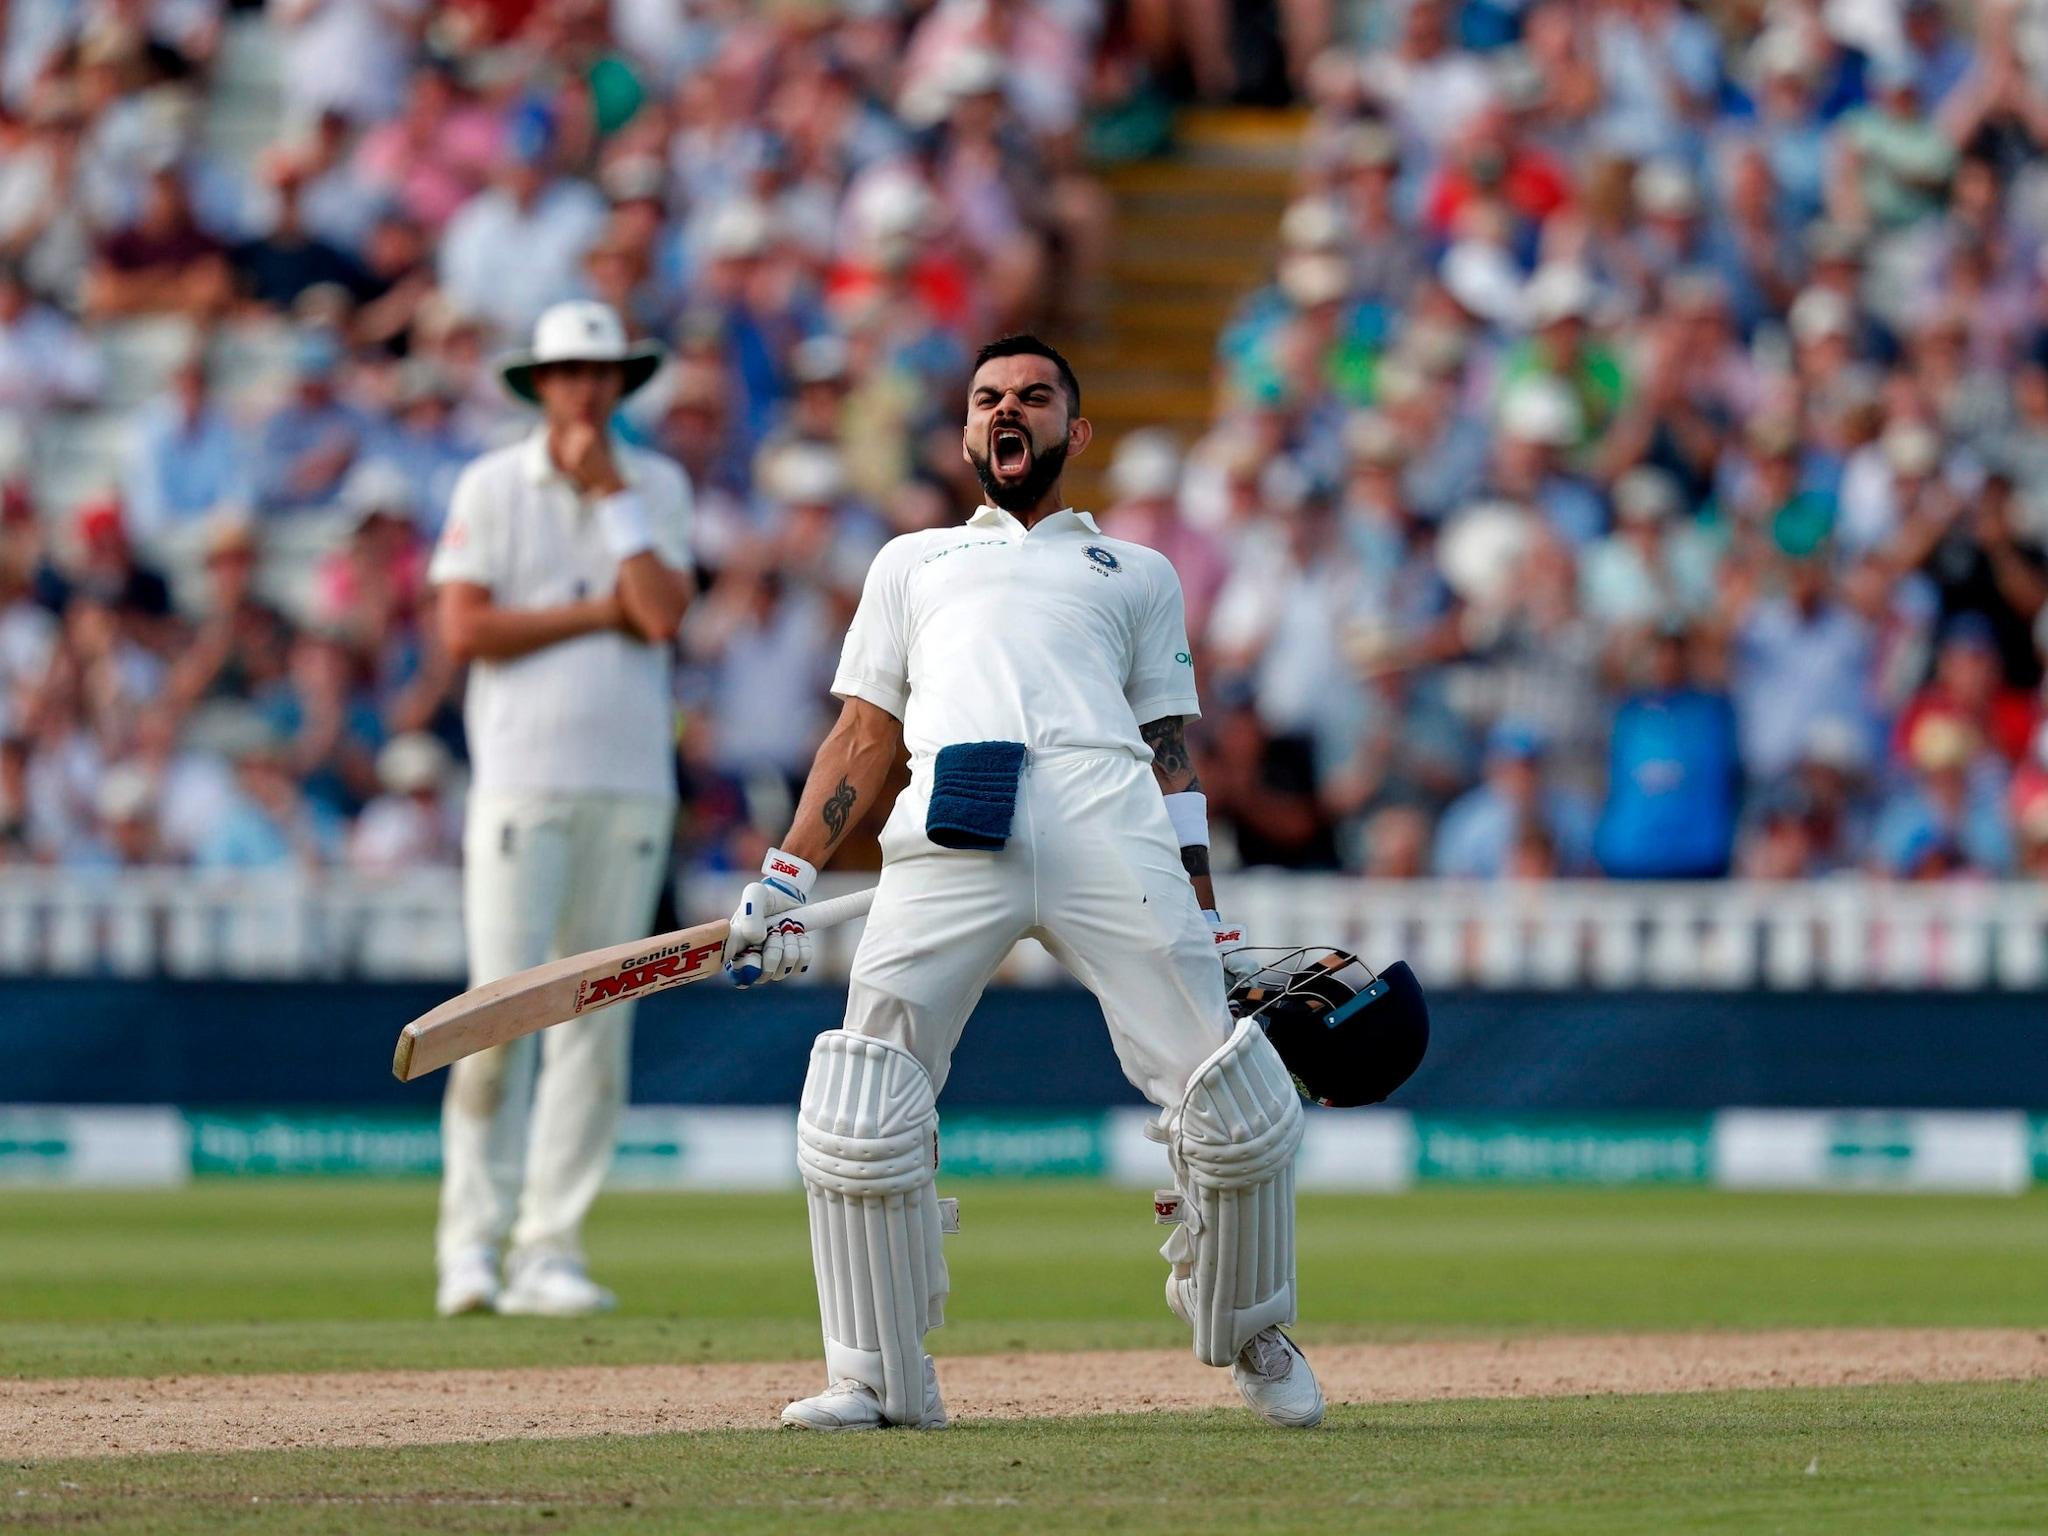 ಇದೀಗ ಇಂಗ್ಲೆಂಡ್ ವಿರುದ್ಧದ 3ನೇ ಟೆಸ್ಟ್ ಗೆಲುವಿನ ಮೂಲಕ ಟೀಮ್ ಇಂಡಿಯಾ ನಾಯಕ ವಿರಾಟ್ ಕೊಹ್ಲಿ ಭಾರತದಲ್ಲಿ 22 ಟೆಸ್ಟ್ ಪಂದ್ಯಗಳಲ್ಲಿ ಗೆಲುವಿನ ರುಚಿ ನೋಡಿದ್ದಾರೆ. ಅಲ್ಲದೆ ಇದು ಟೆಸ್ಟ್ನಲ್ಲಿ ಕೊಹ್ಲಿ ನಾಯಕತ್ವದಲ್ಲಿ 35ನೇ ಗೆಲುವು. ಈ ಮೂಲಕ ಭಾರತ ಪರ ಅತೀ ಹೆಚ್ಚು ಟೆಸ್ಟ್ ಪಂದ್ಯಗಳನ್ನು ಗೆದ್ದ ಕಪ್ತಾನ ಎಂಬ ಹಿರಿಮೆಗೂ ಕೊಹ್ಲಿ ಪಾತ್ರರಾಗಿದ್ದಾರೆ.